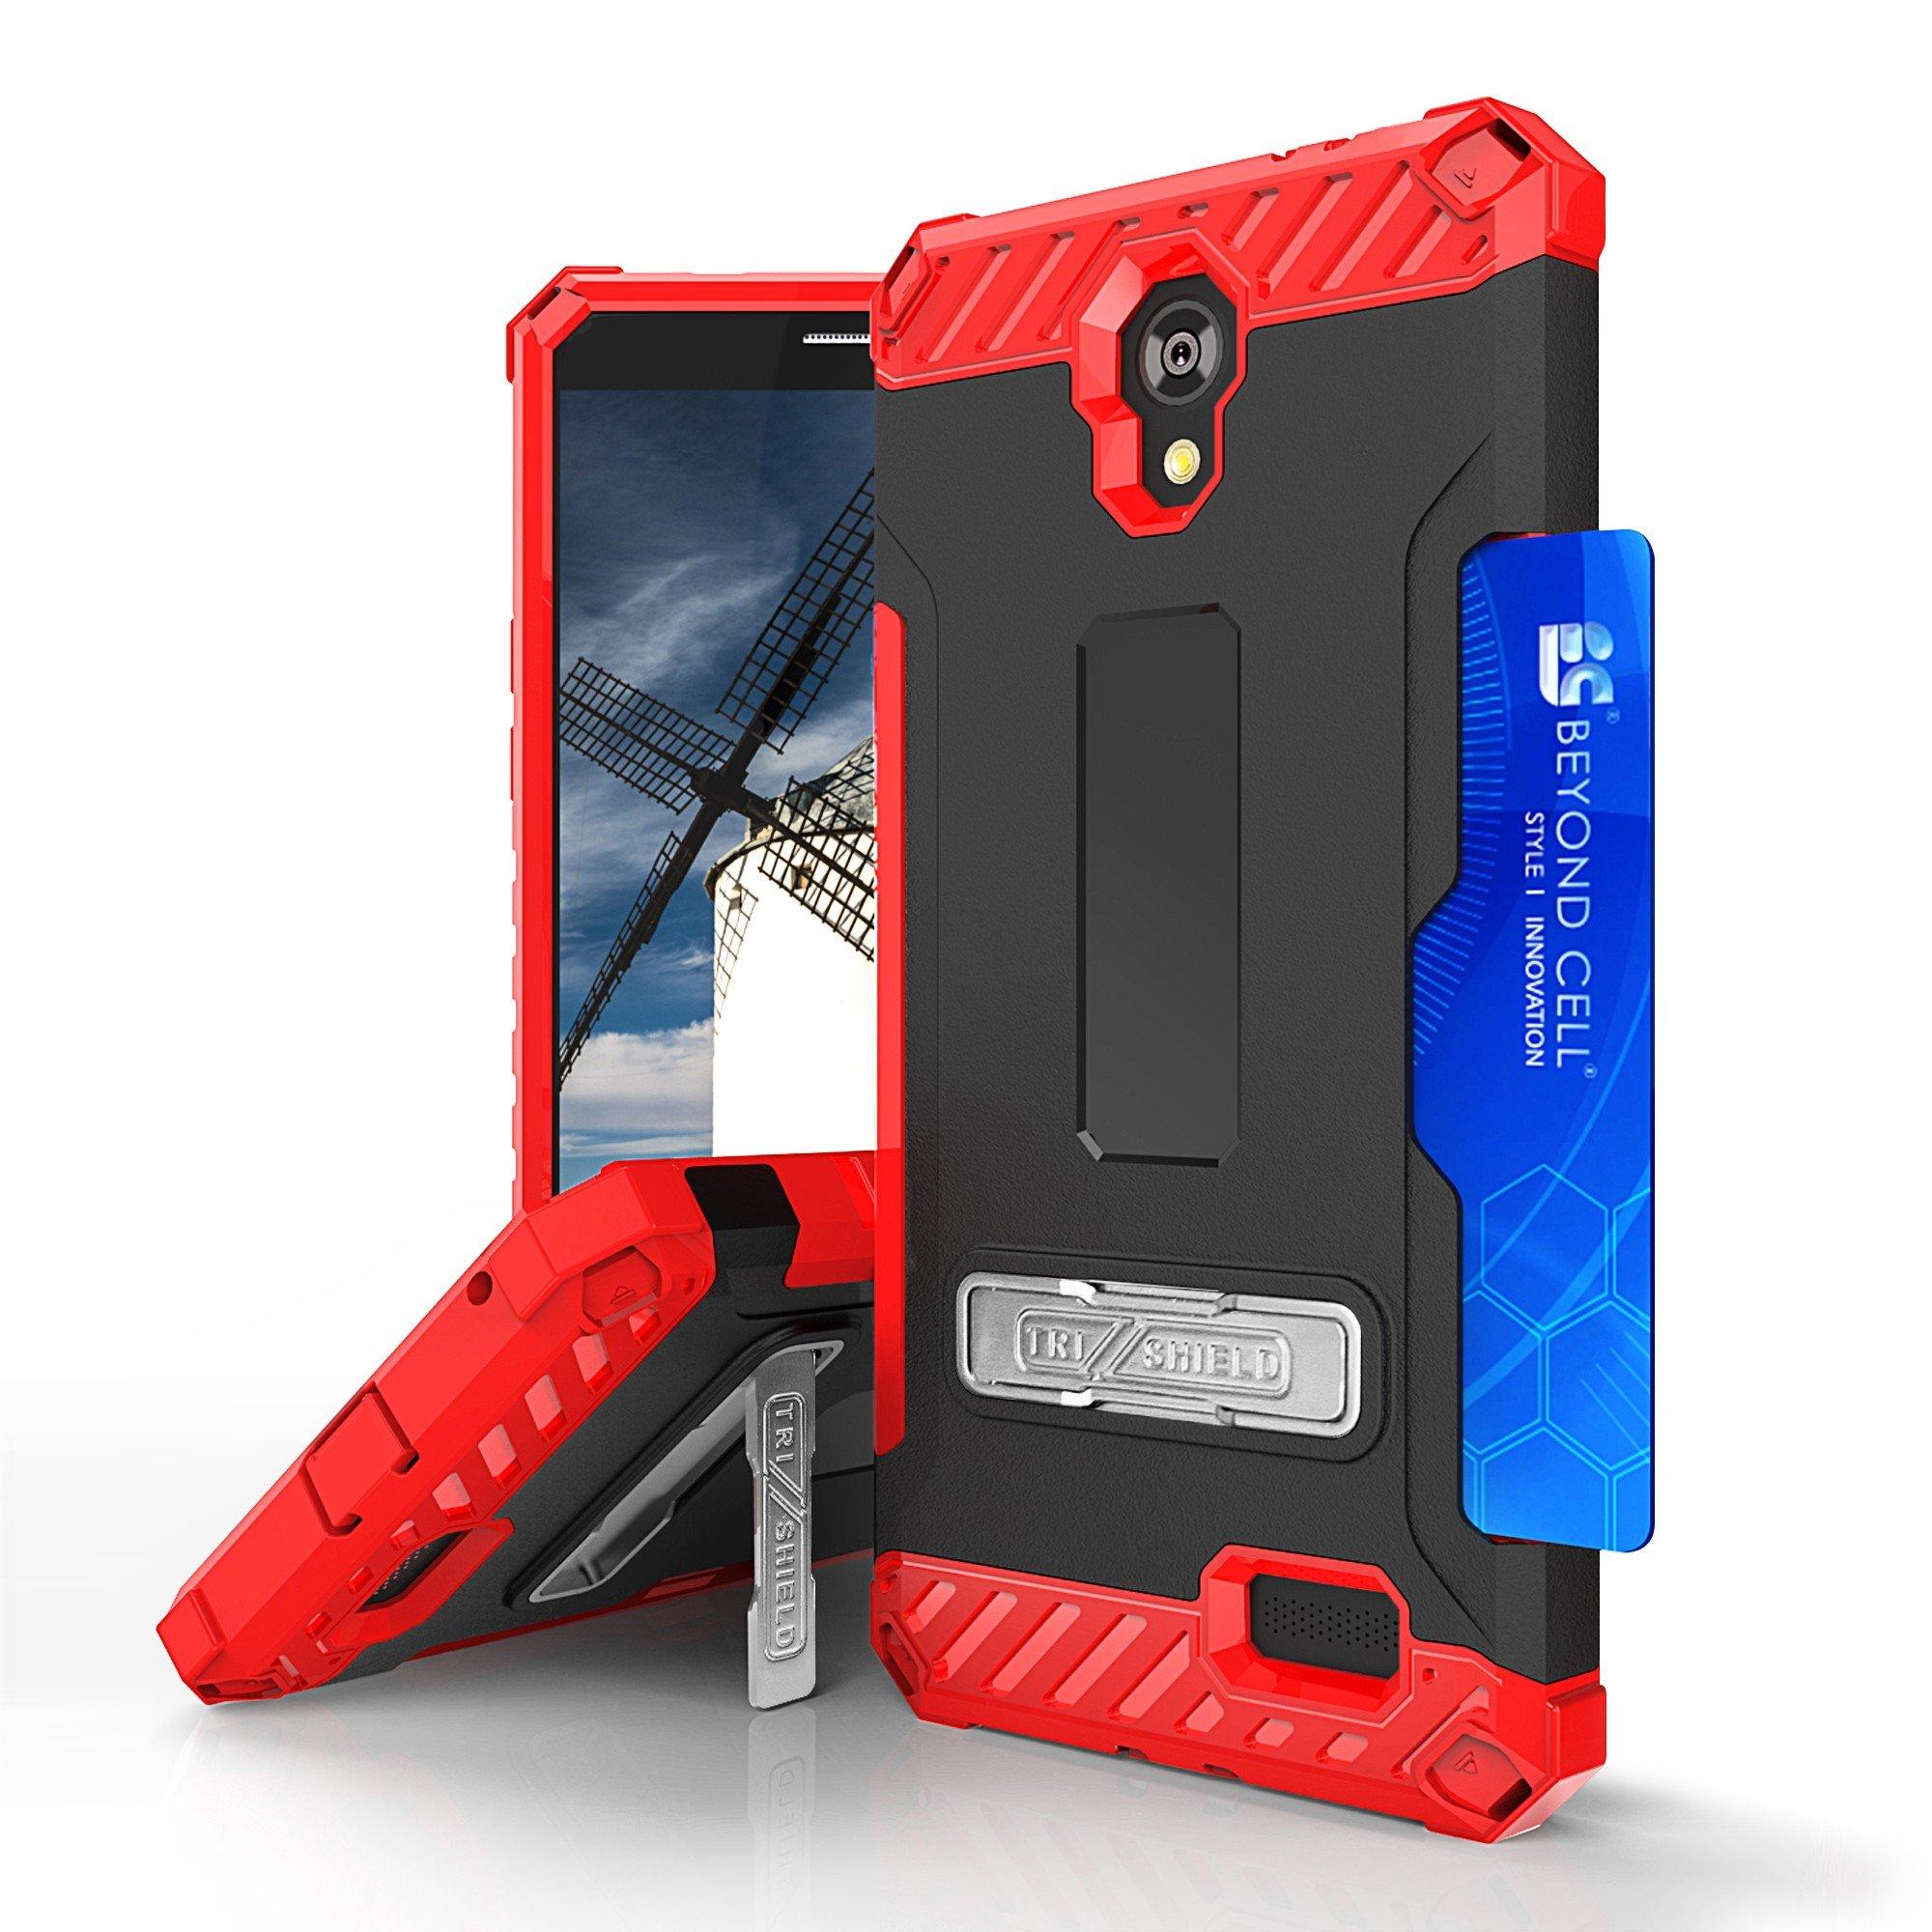 For ZTE PRESTIGE N9132, ZFIVE 2 Z836, AVID TRIO Z833, SONATA 3 Z832, MAVEN 2 Z831, AVID PLUS Z828 TRI-SHIELD RUGGED KICKSTAND CASE + BELT CLIP HOLSTER [CREDIT CARD SLOT & LANYARD] (Red Black)